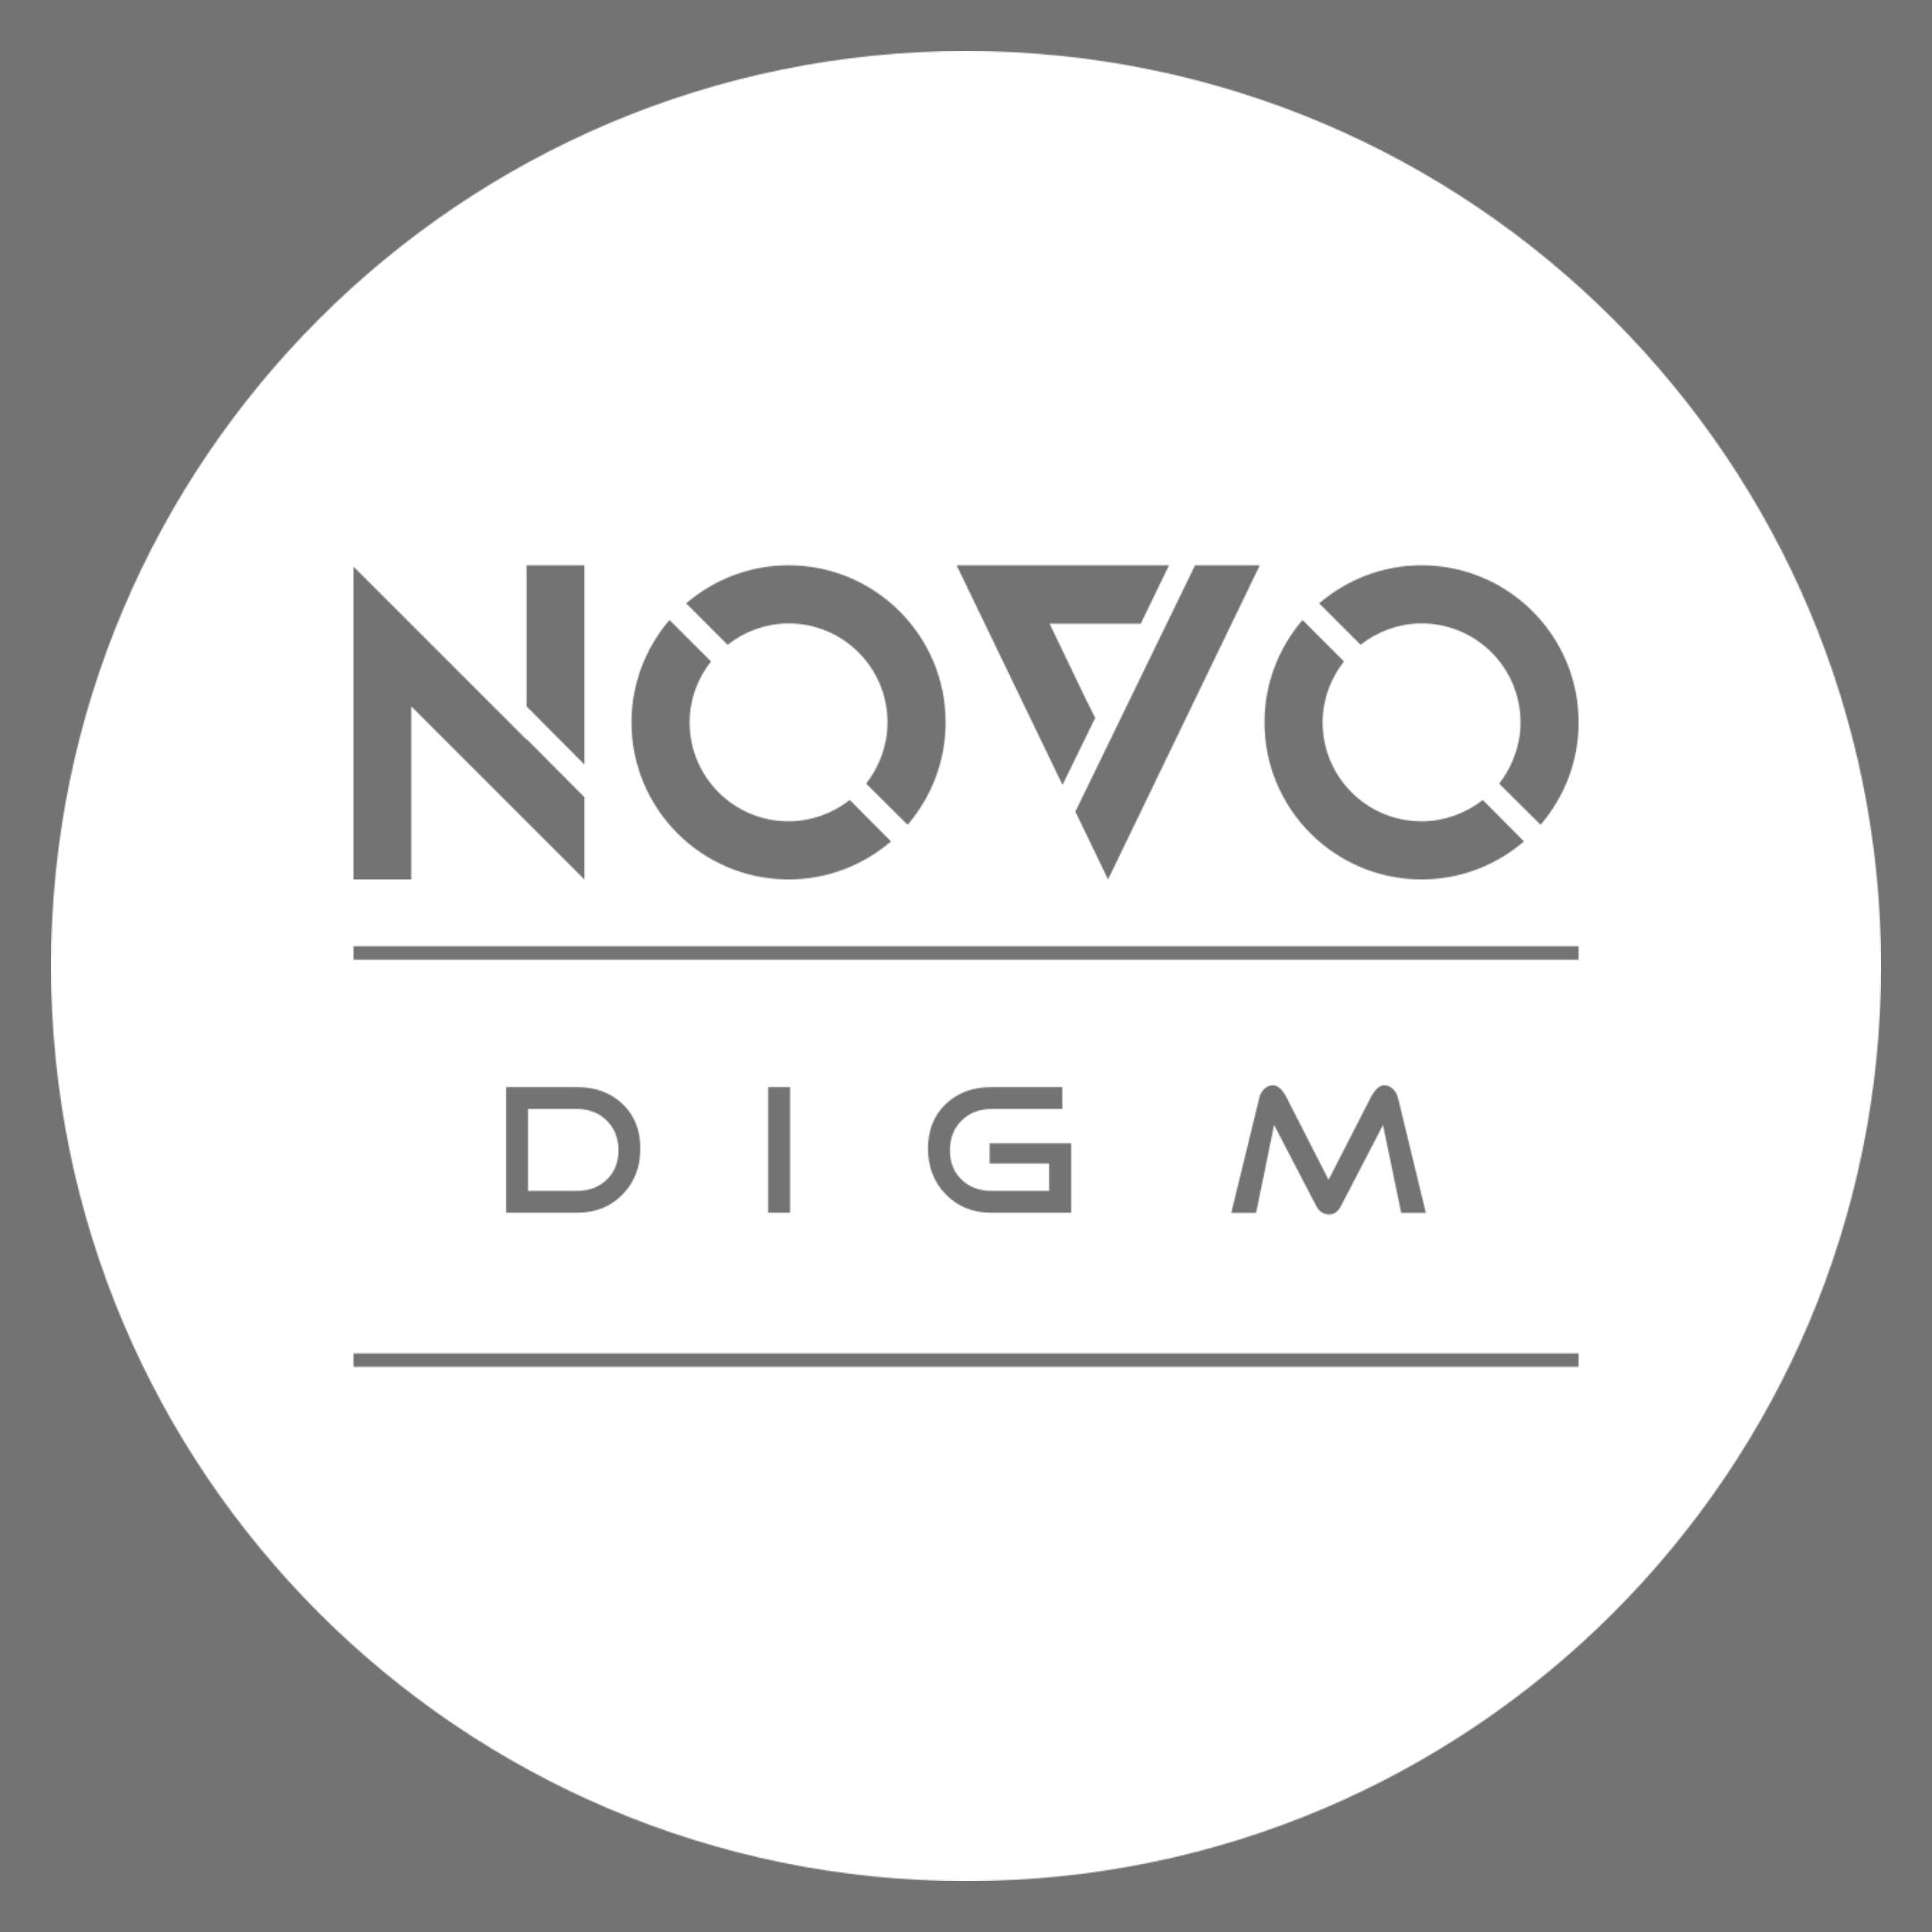 Novo Digm, Johannesburg, South Africa